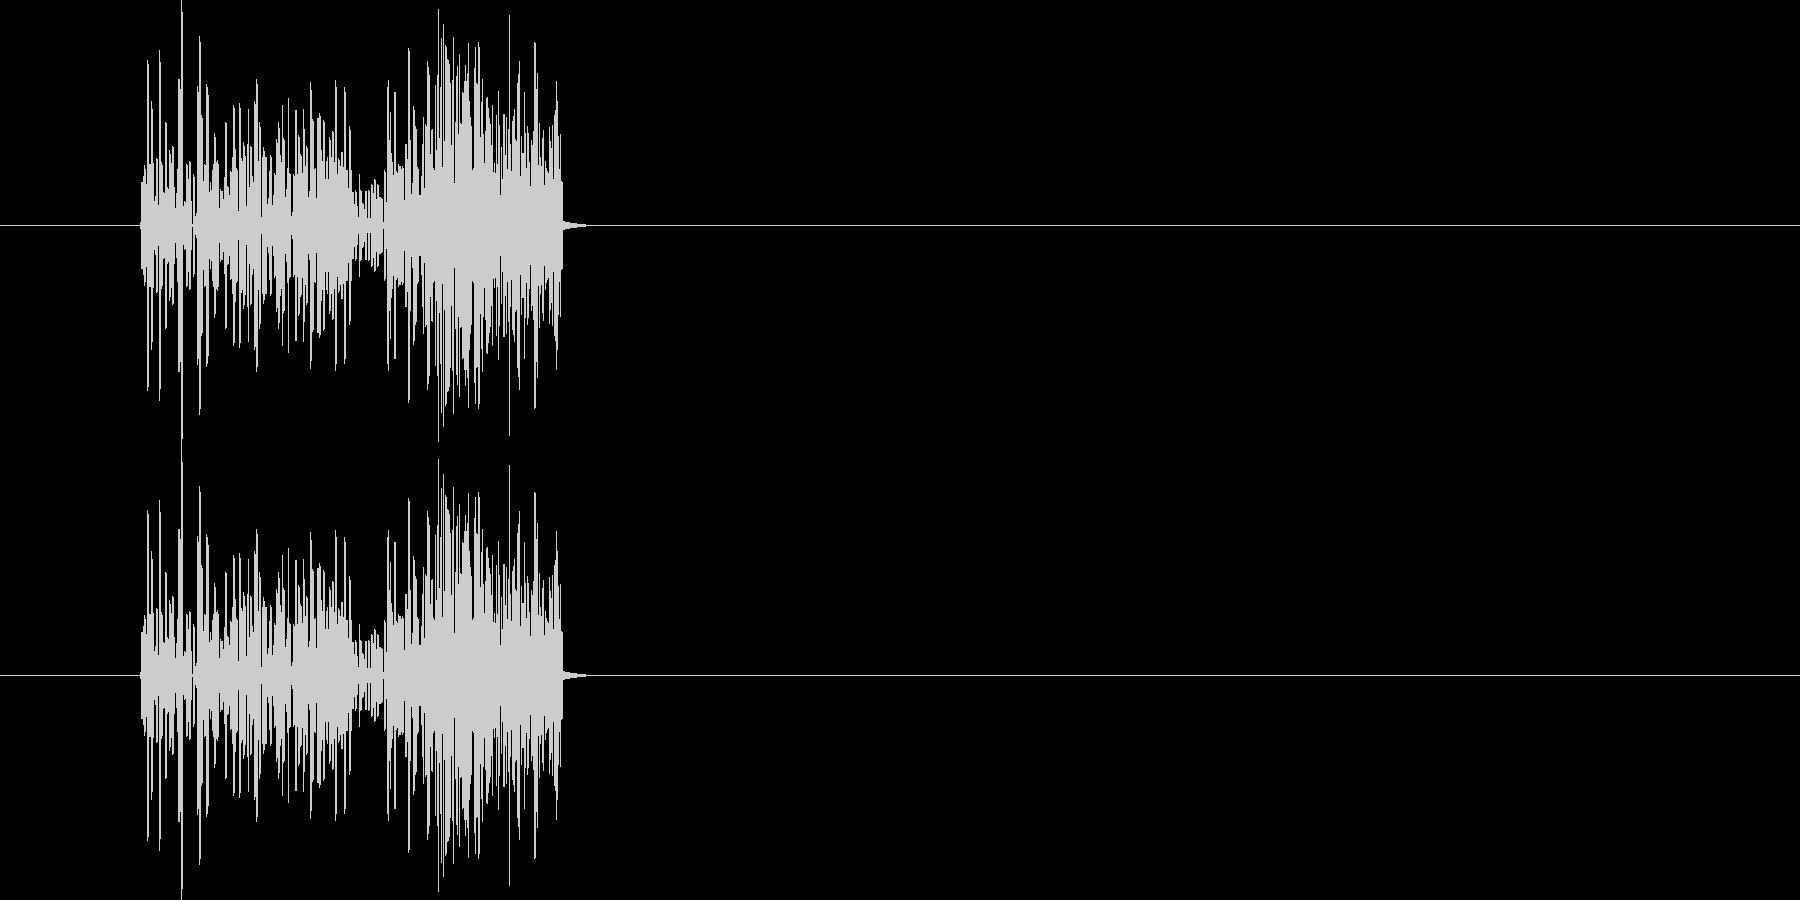 爆発音 昔のゲームの爆発音の未再生の波形